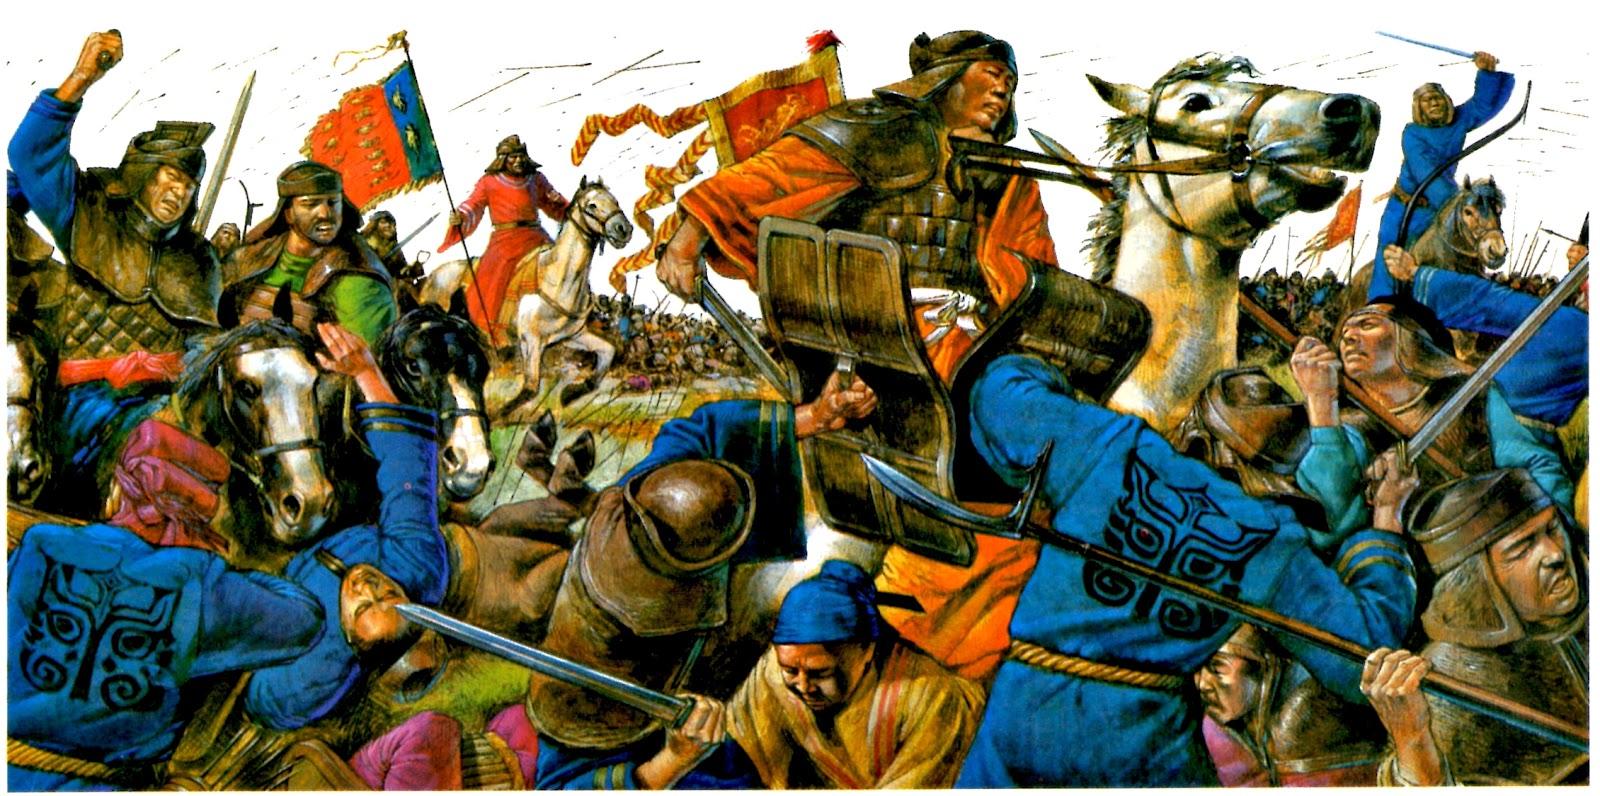 кочевники хунну не давали спокойно жить китайцам и монголам